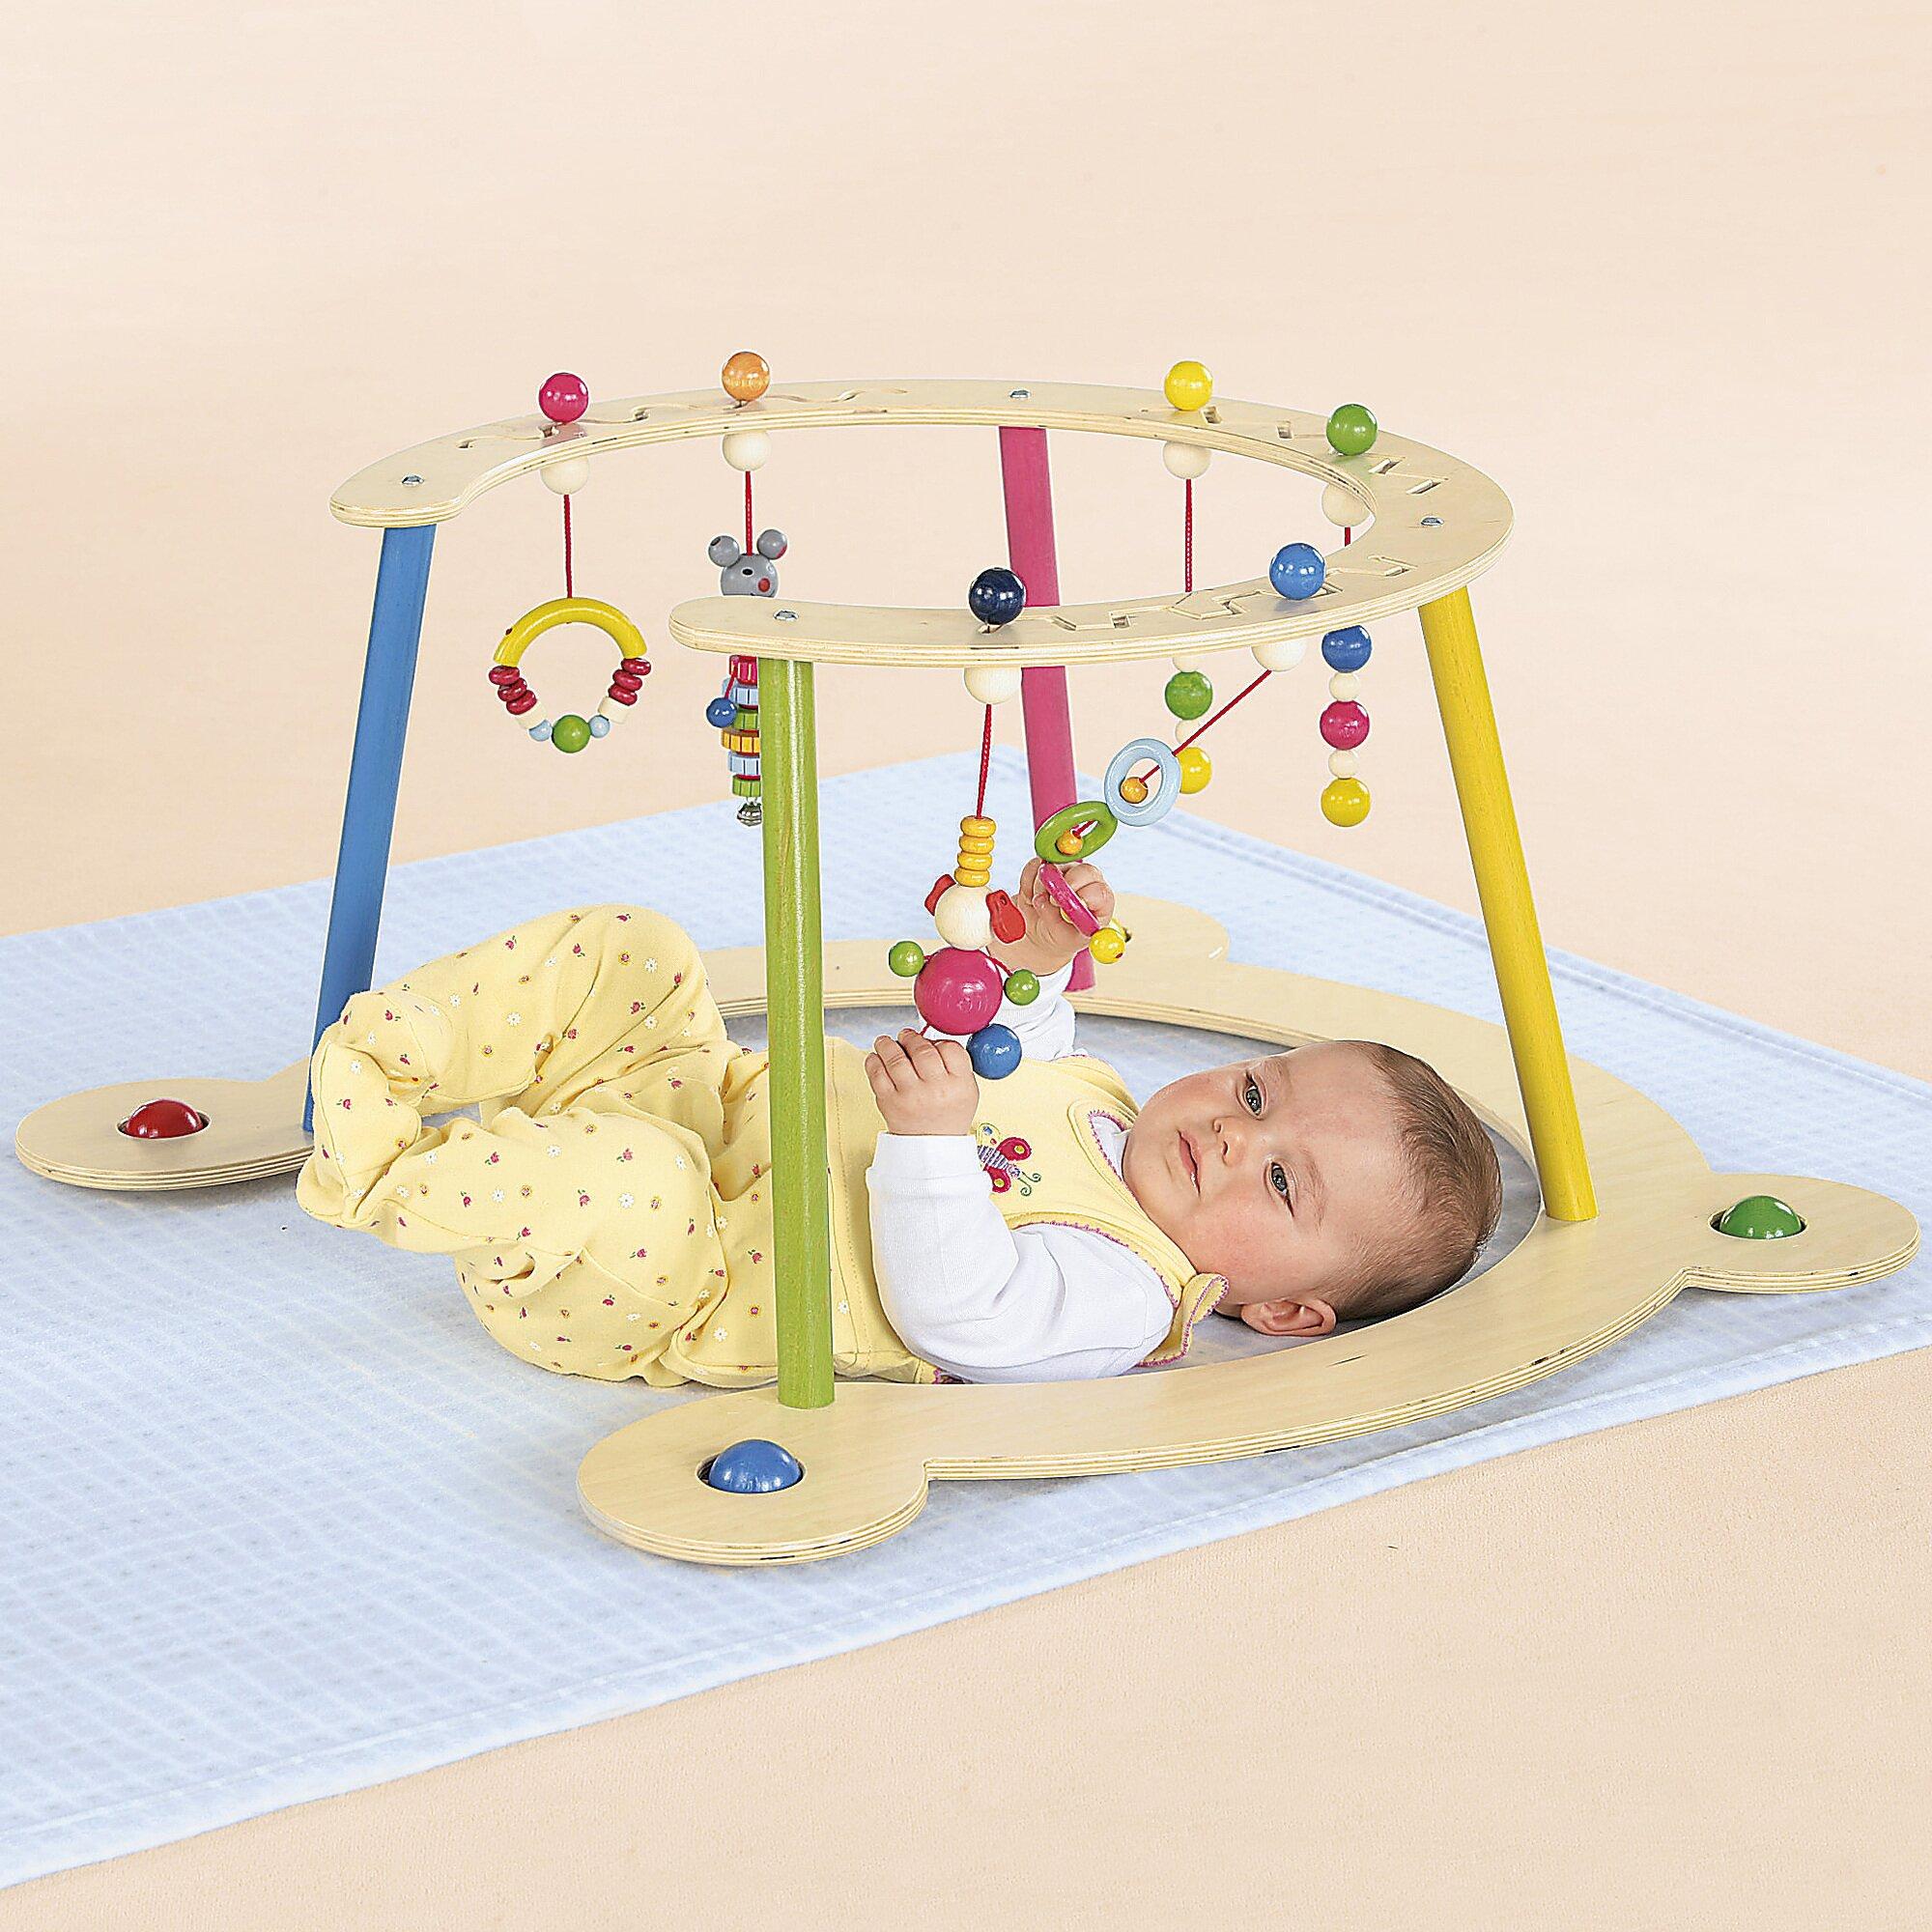 hess-spielzeug-baby-spiel-und-lauflerngerat-natur